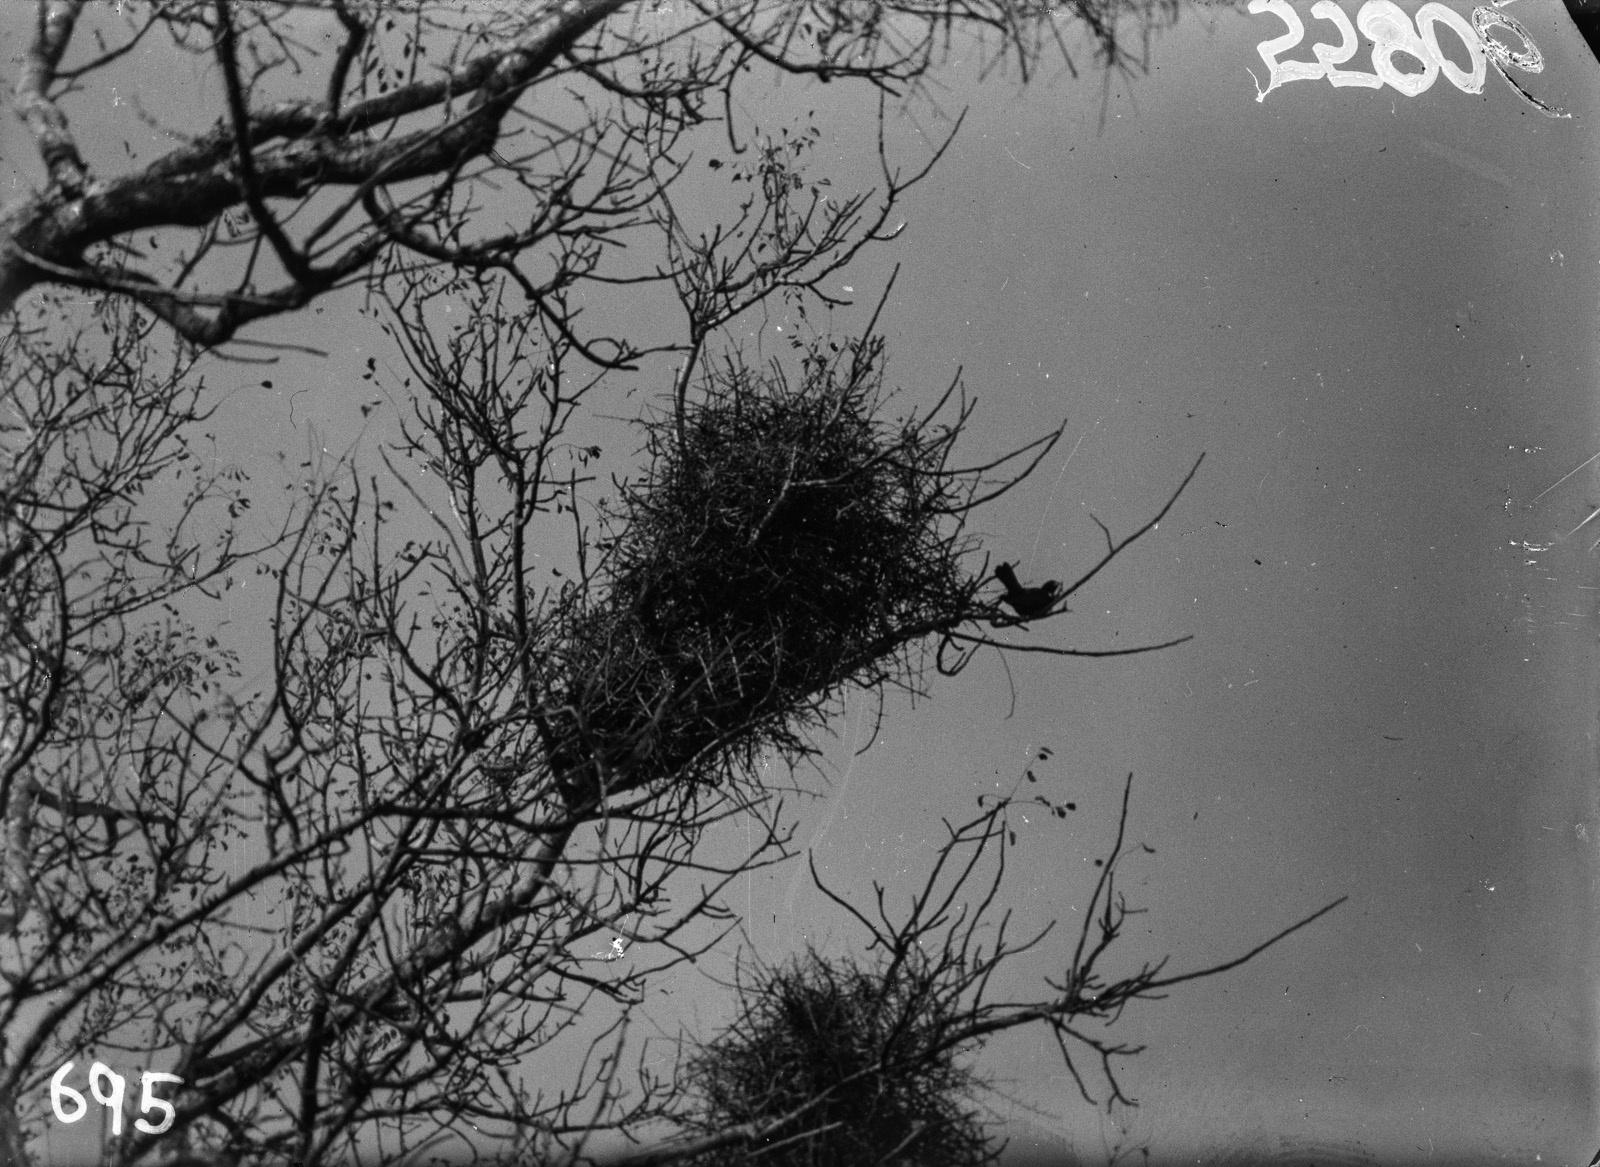 Национальный парк Крюгера. Птичье гнездо.